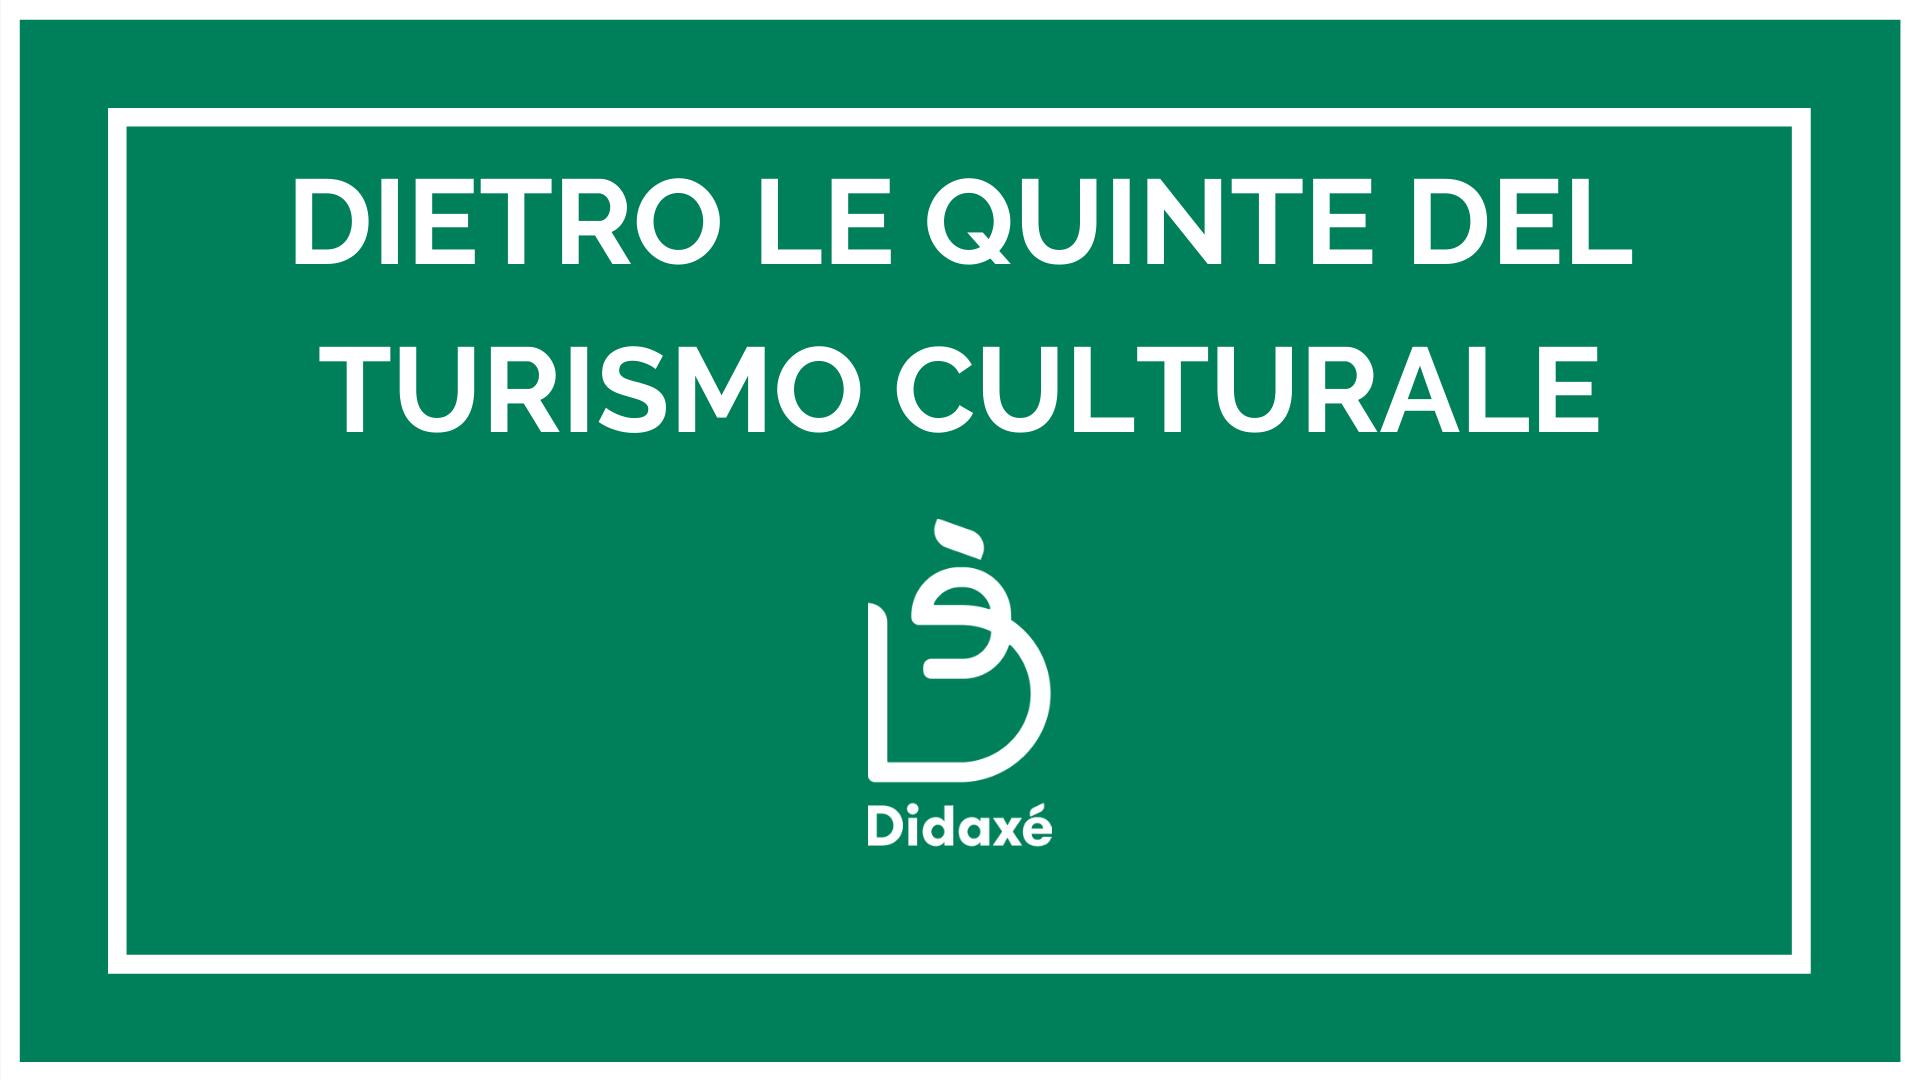 Dietro le quinte del turismo culturale